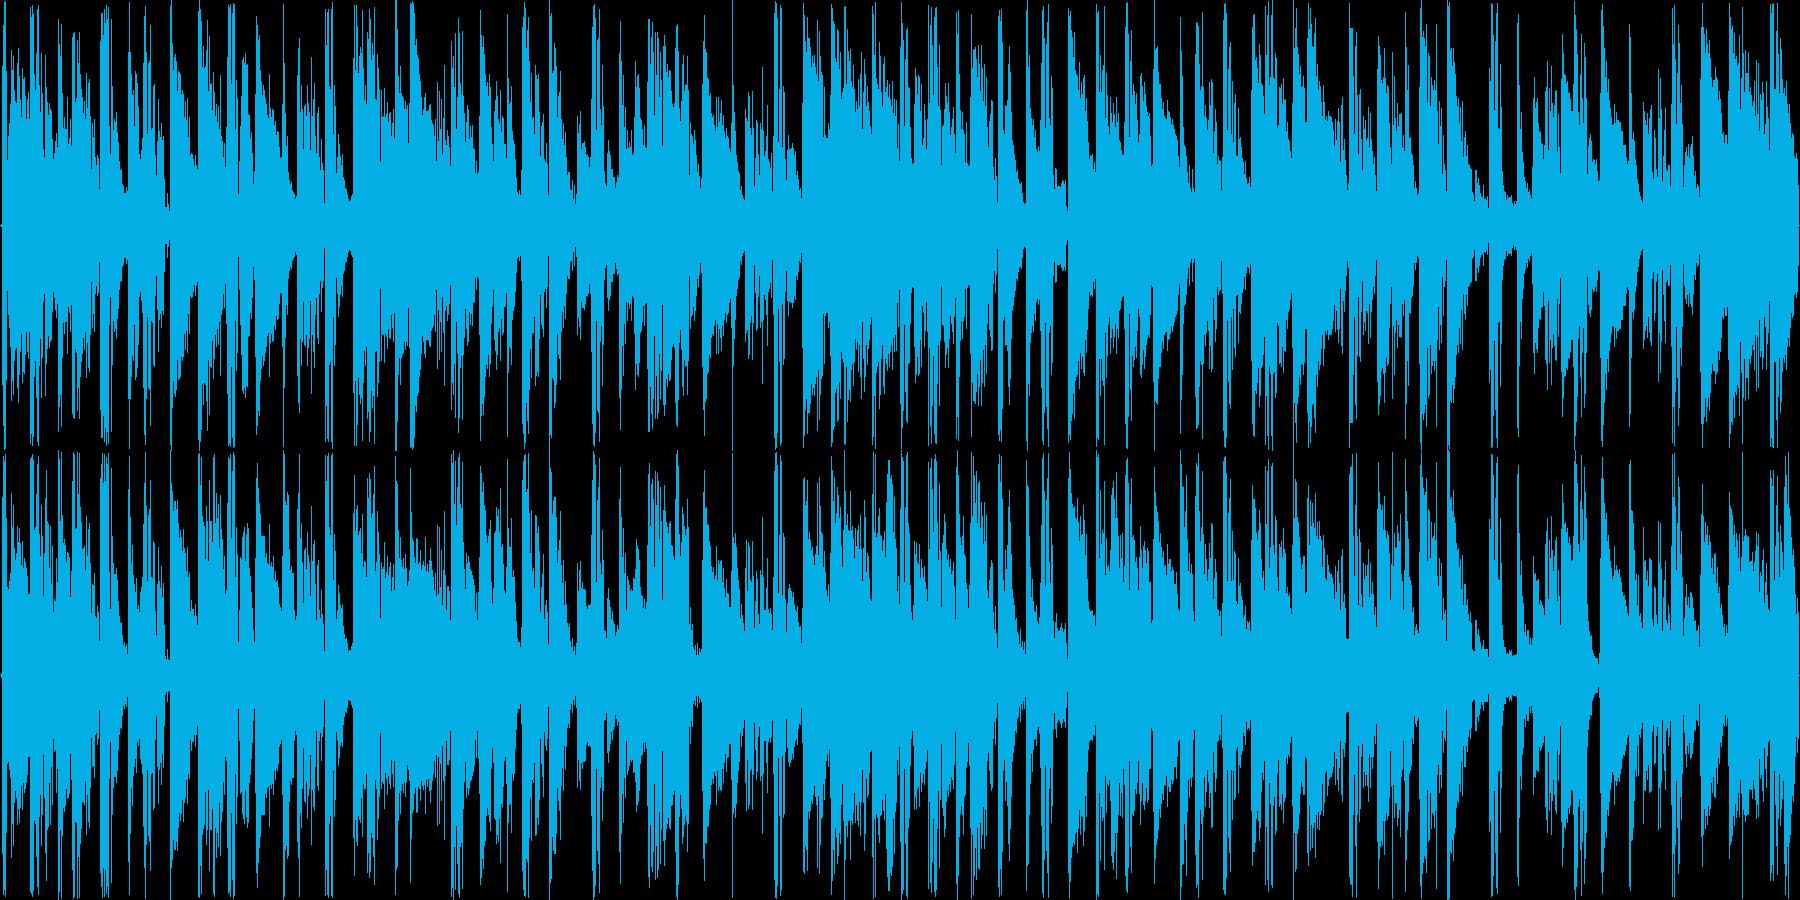 リズミックなイメージをした楽曲です。の再生済みの波形